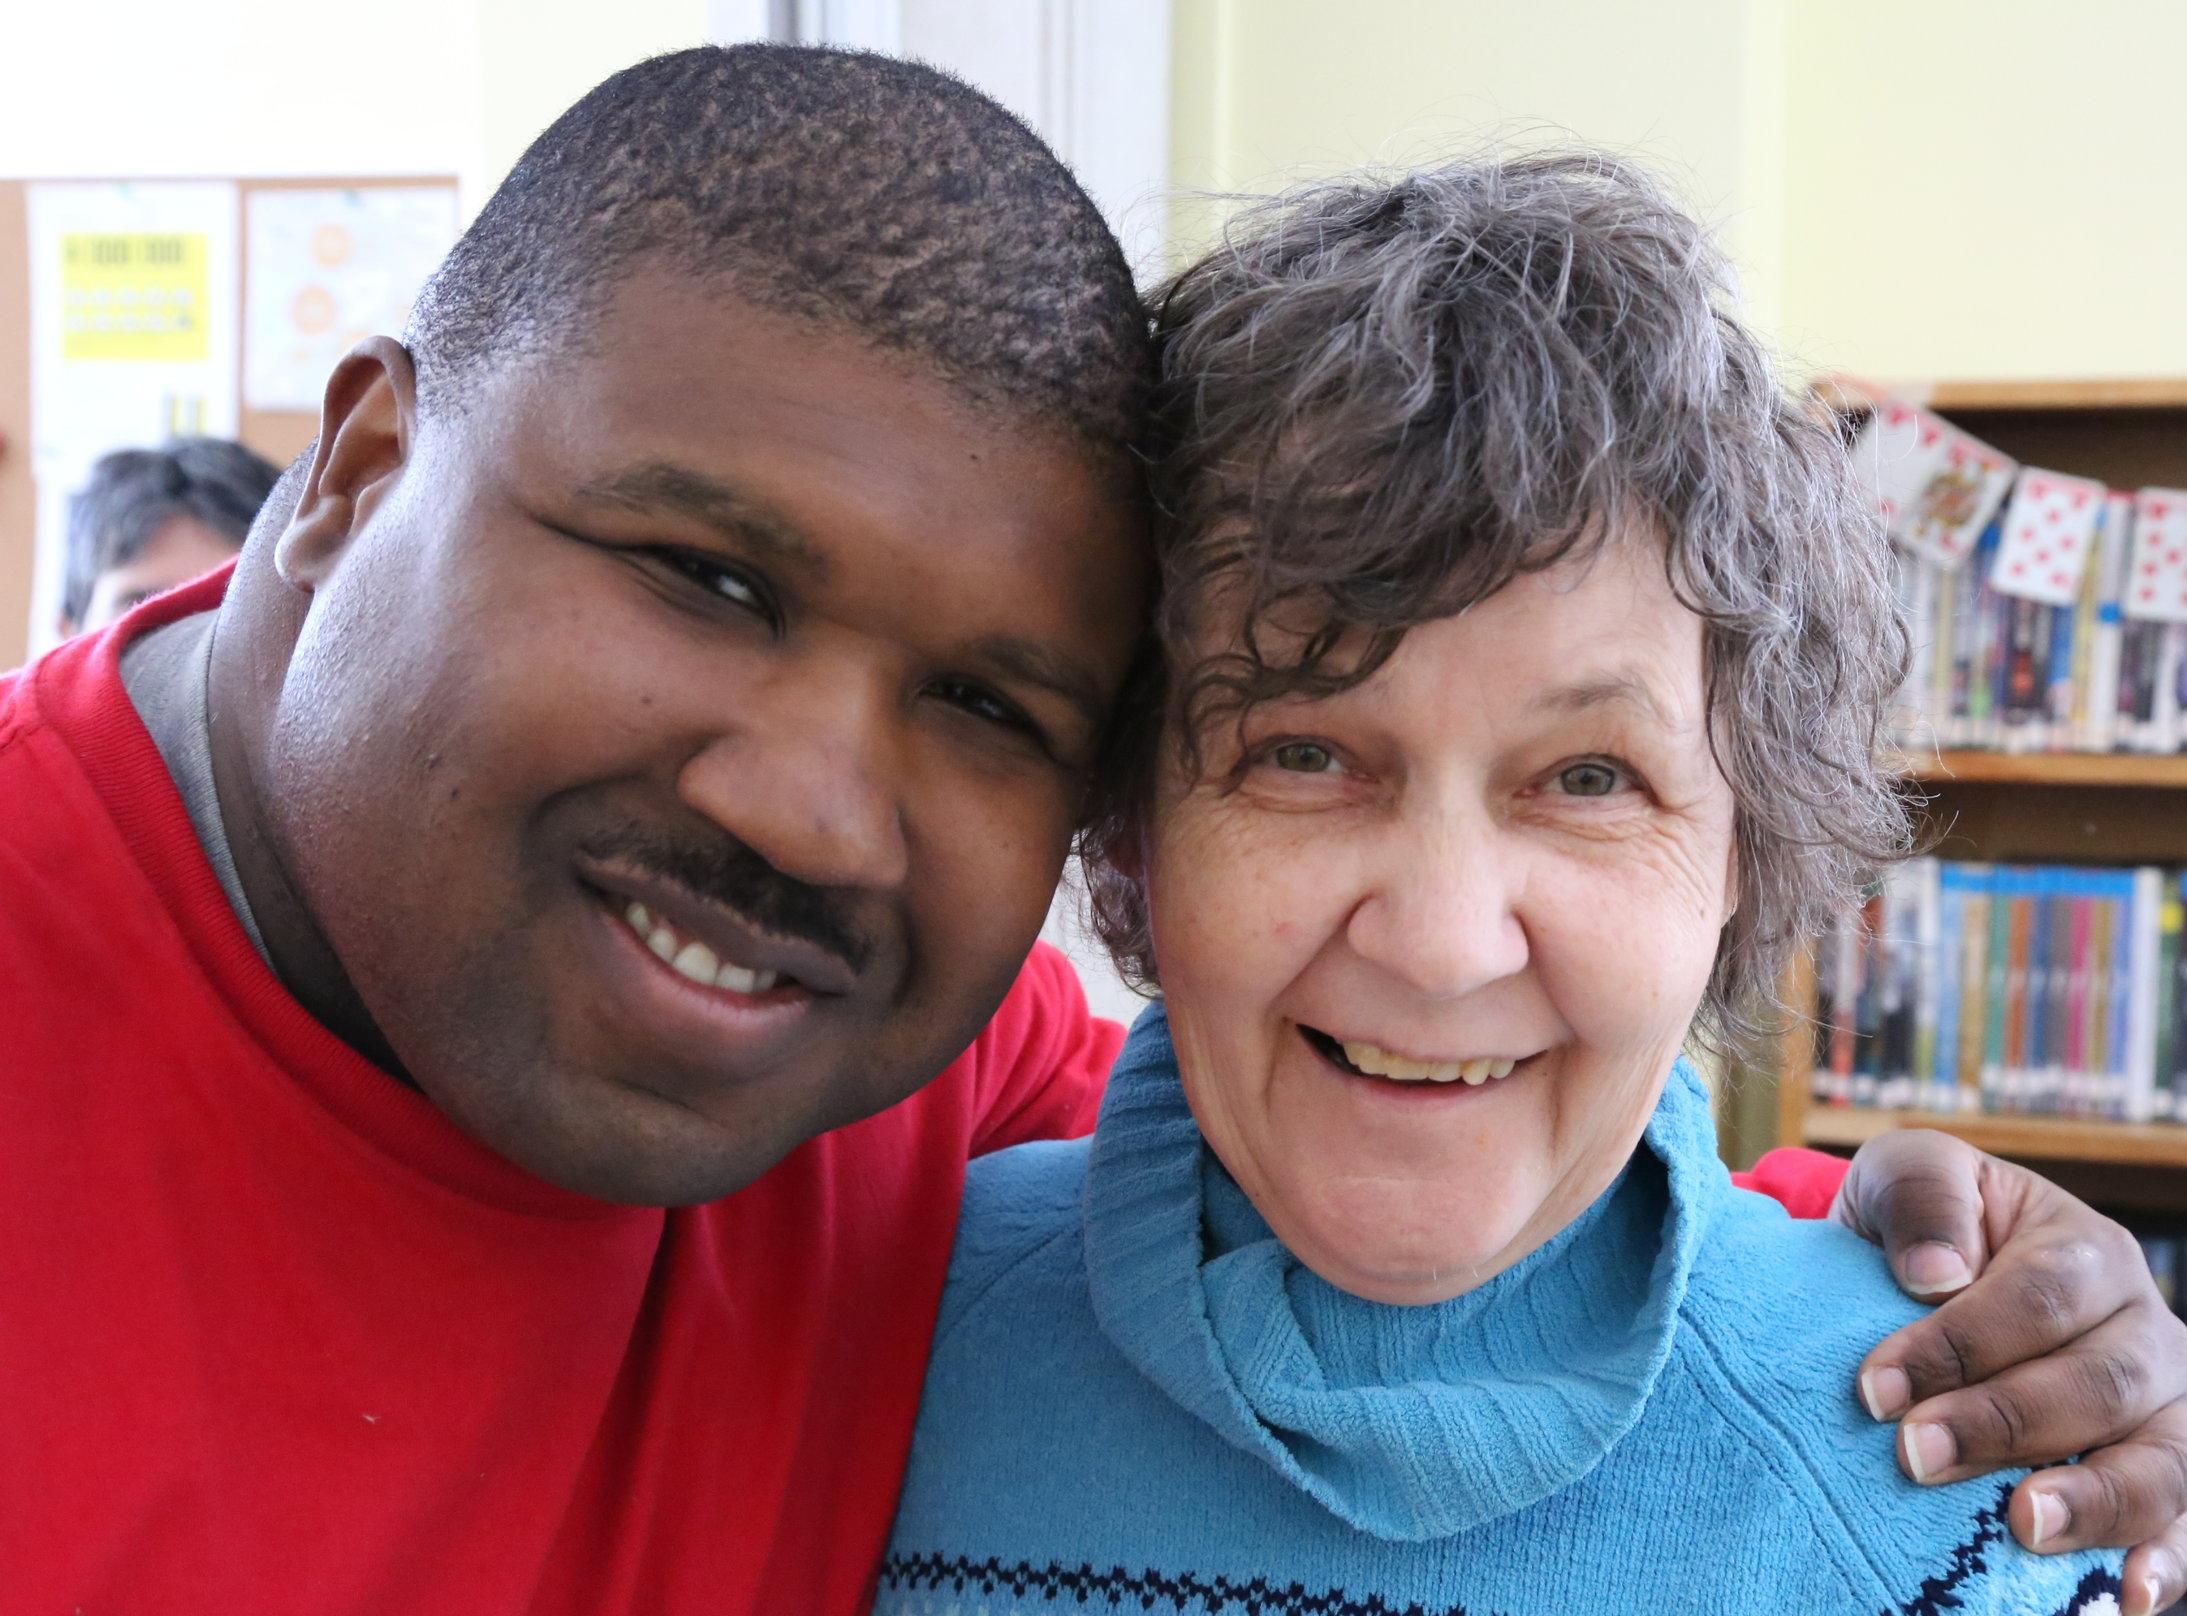 MISSION - Le CENTRE AU PUITS est un organisme communautaire qui a comme mission de favoriser l'inclusion et l'autodétermination des personnes présentant une déficience intellectuelle légère, un trouble du spectre de l'autisme et/ou une problématique de santé mentale.